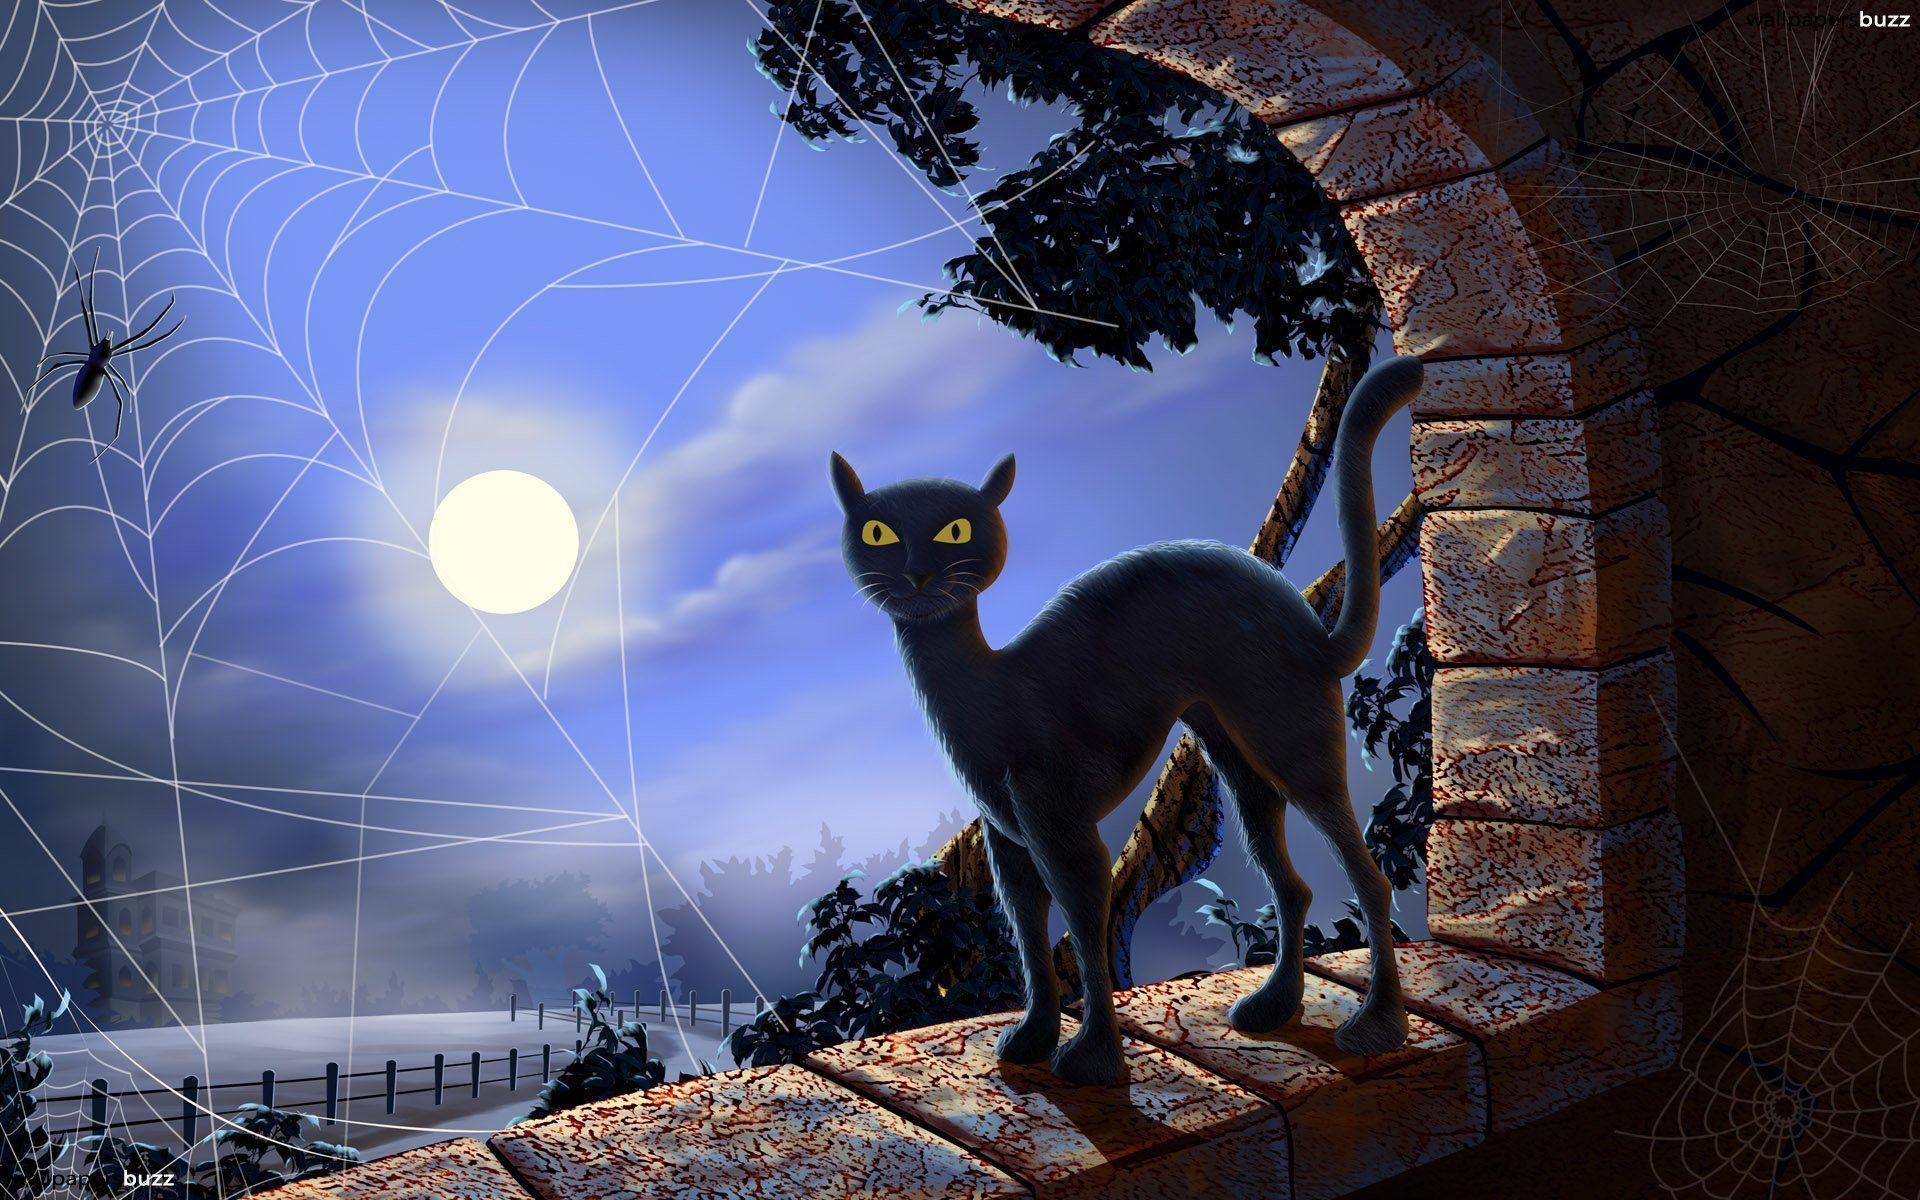 Halloween Cat Desktop Backgrounds 1